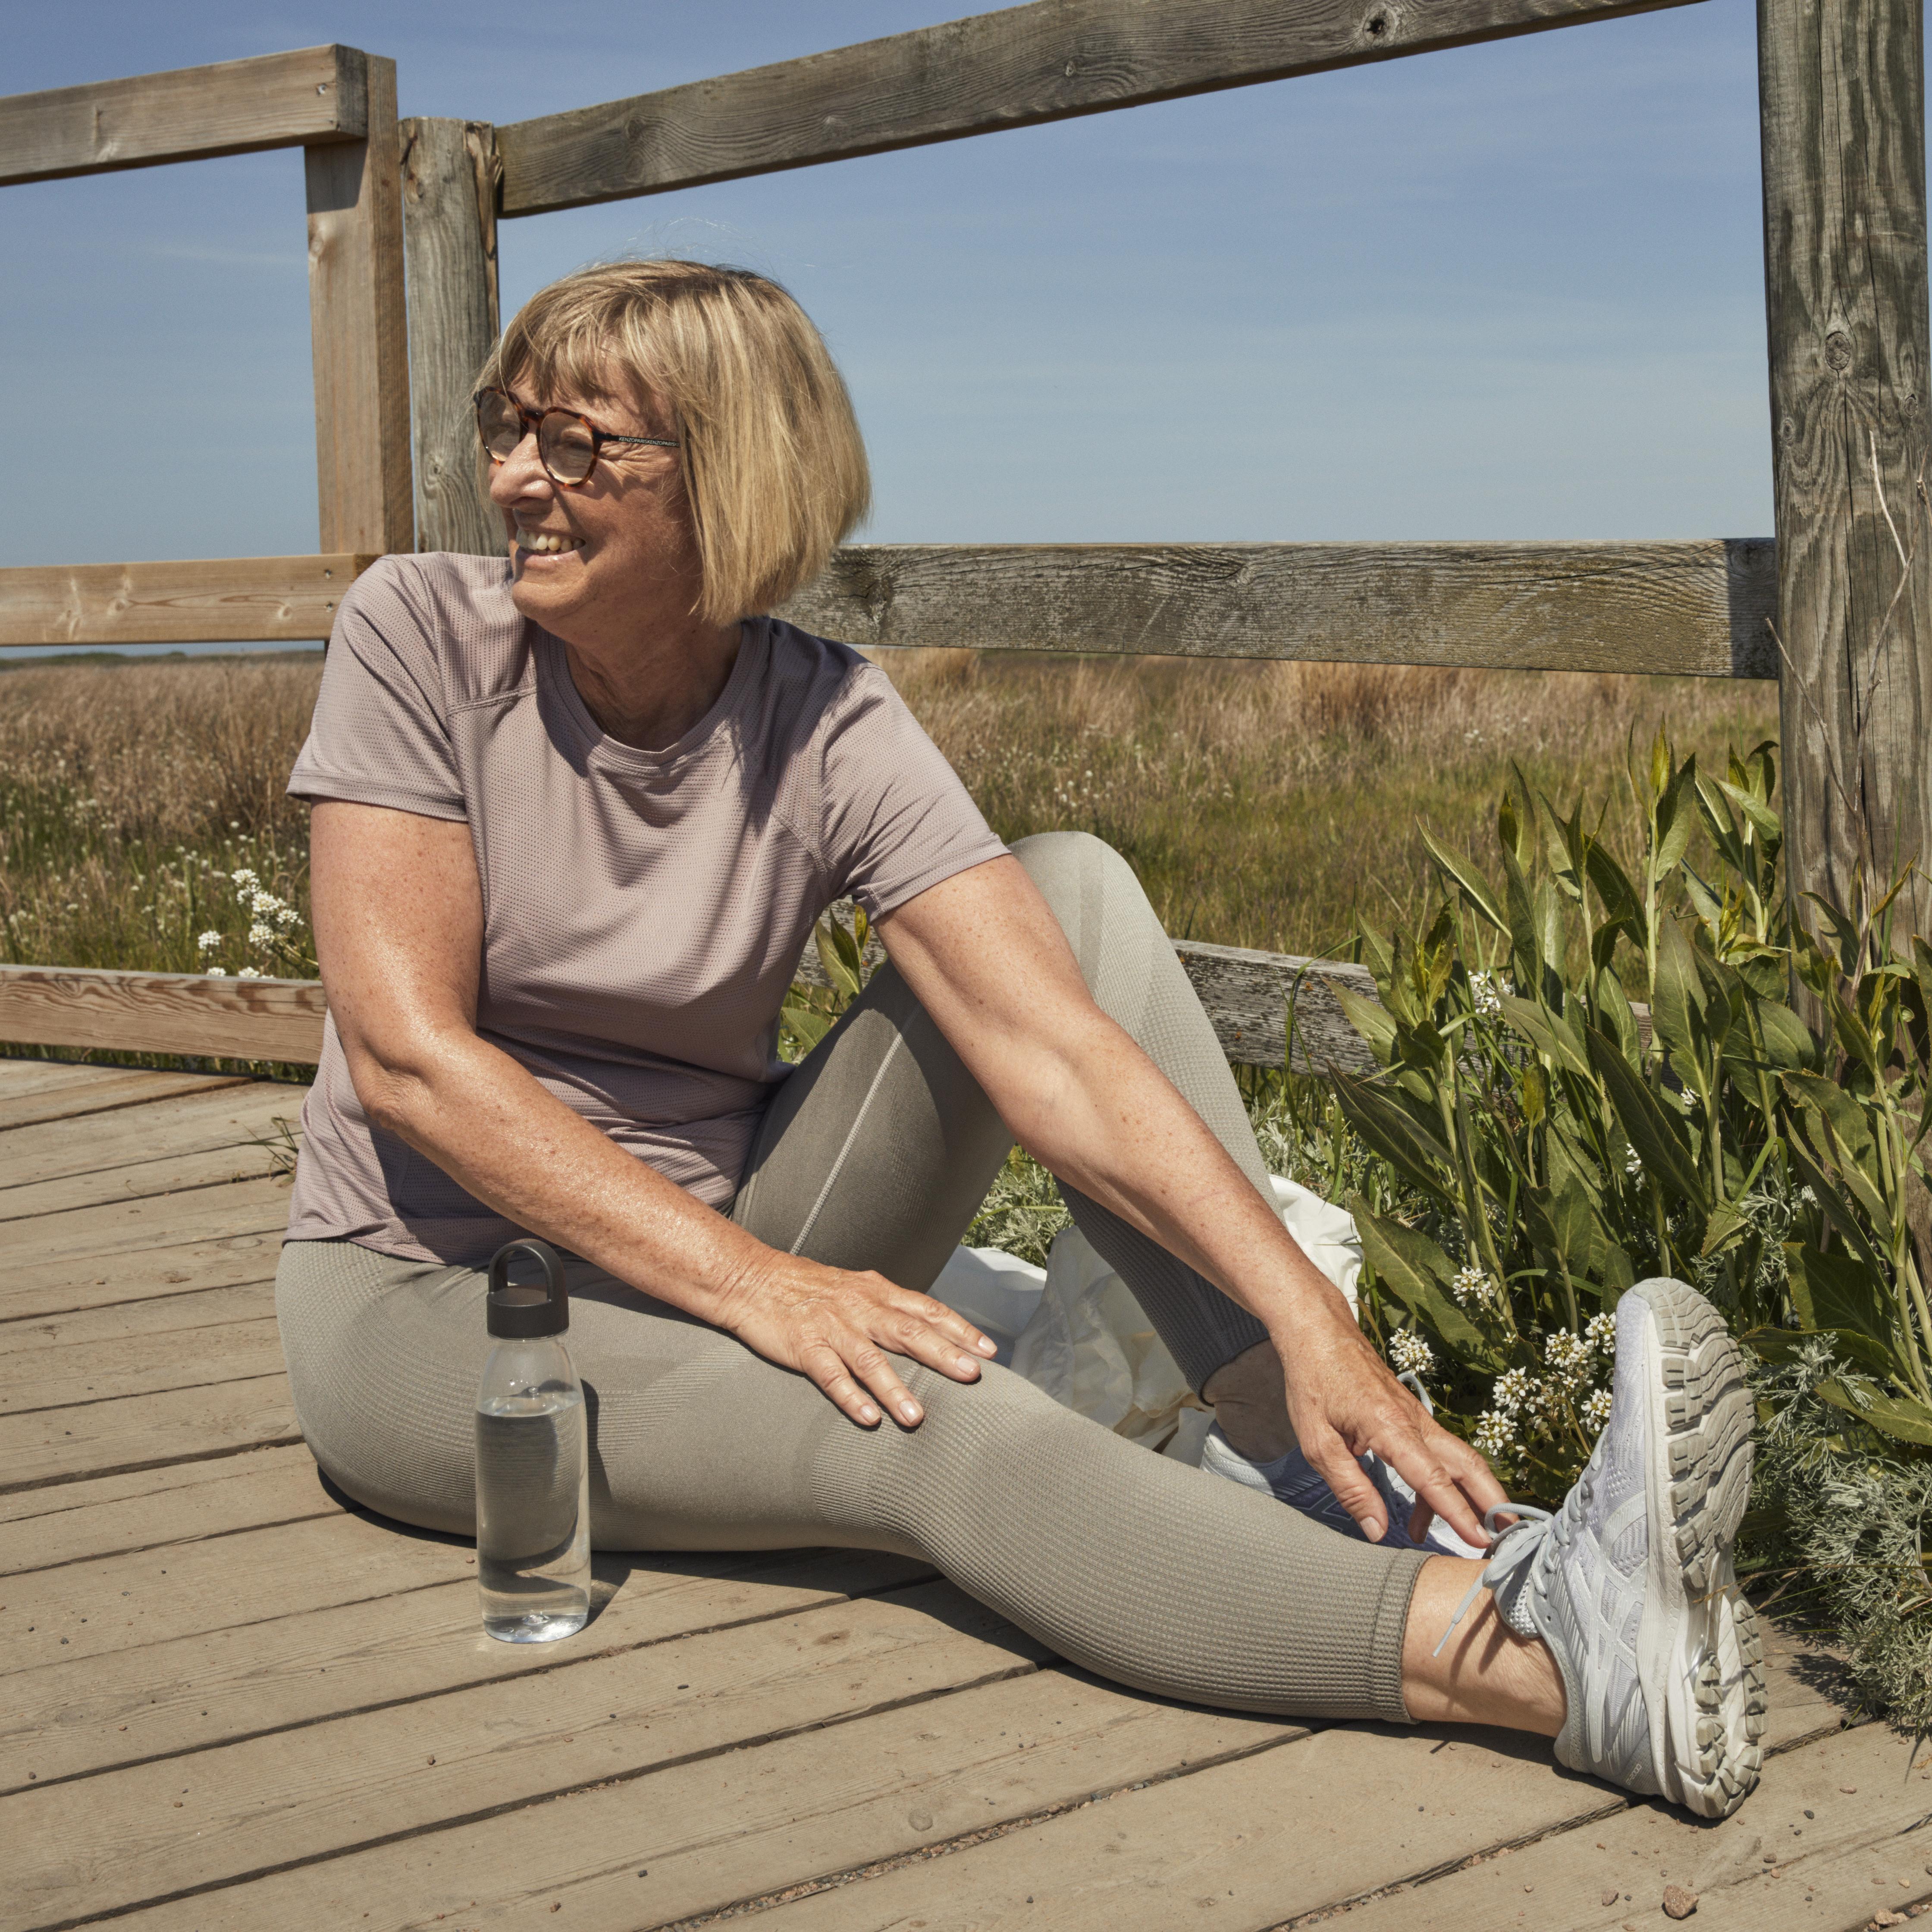 Senior kvinna i träningskläder i solen. Foto.